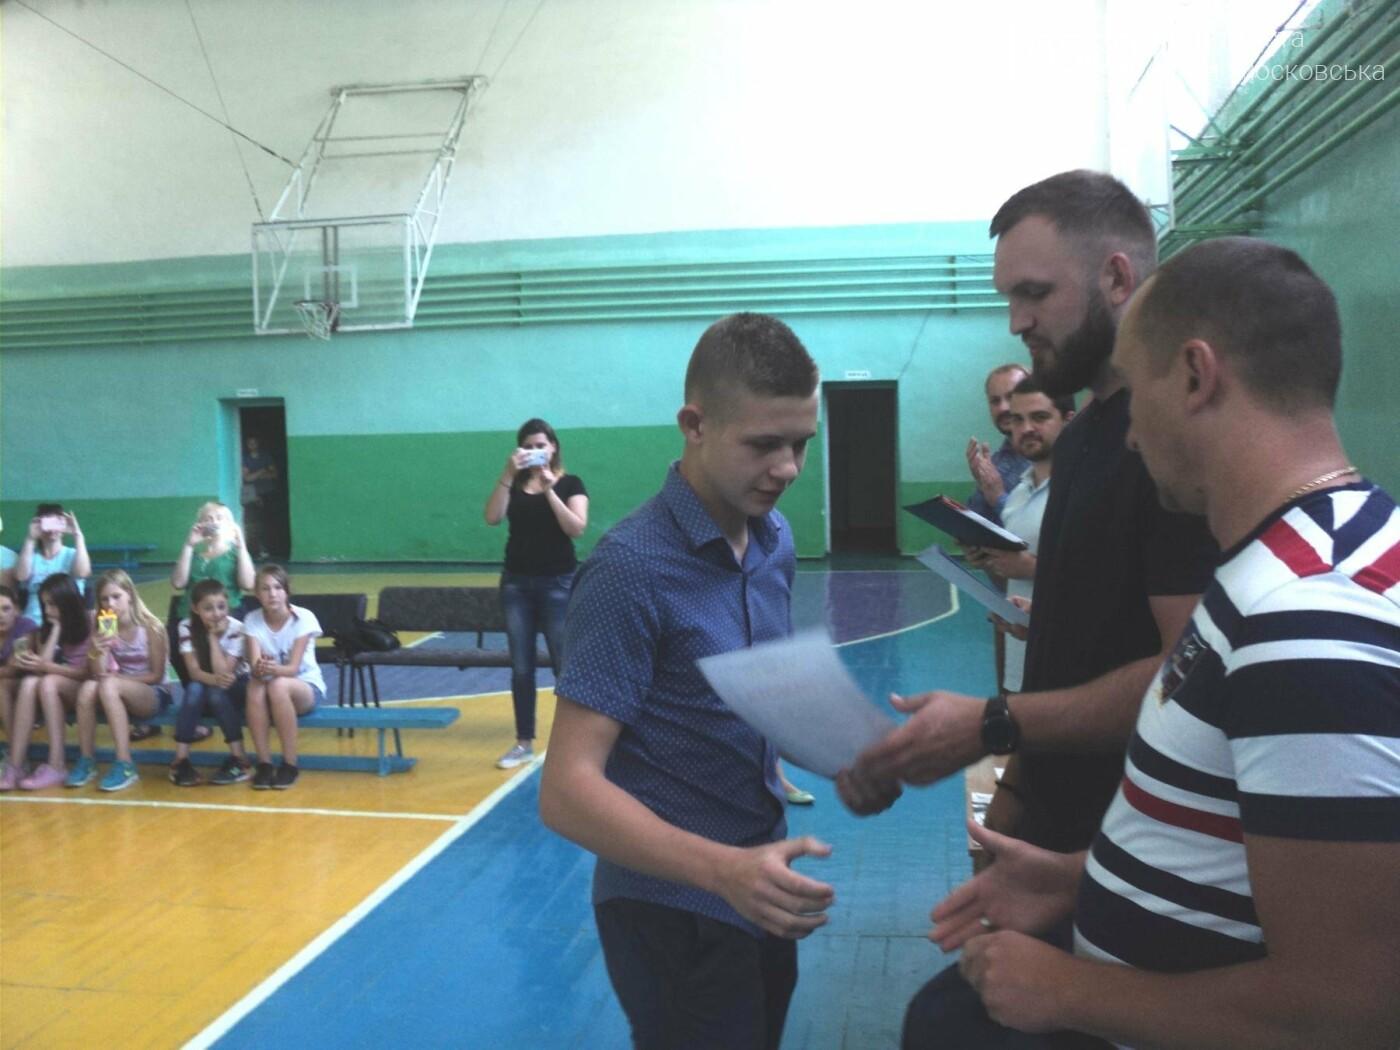 Баскетболістів Новомосковська привітали с перемогою на чемпіонаті України , фото-2